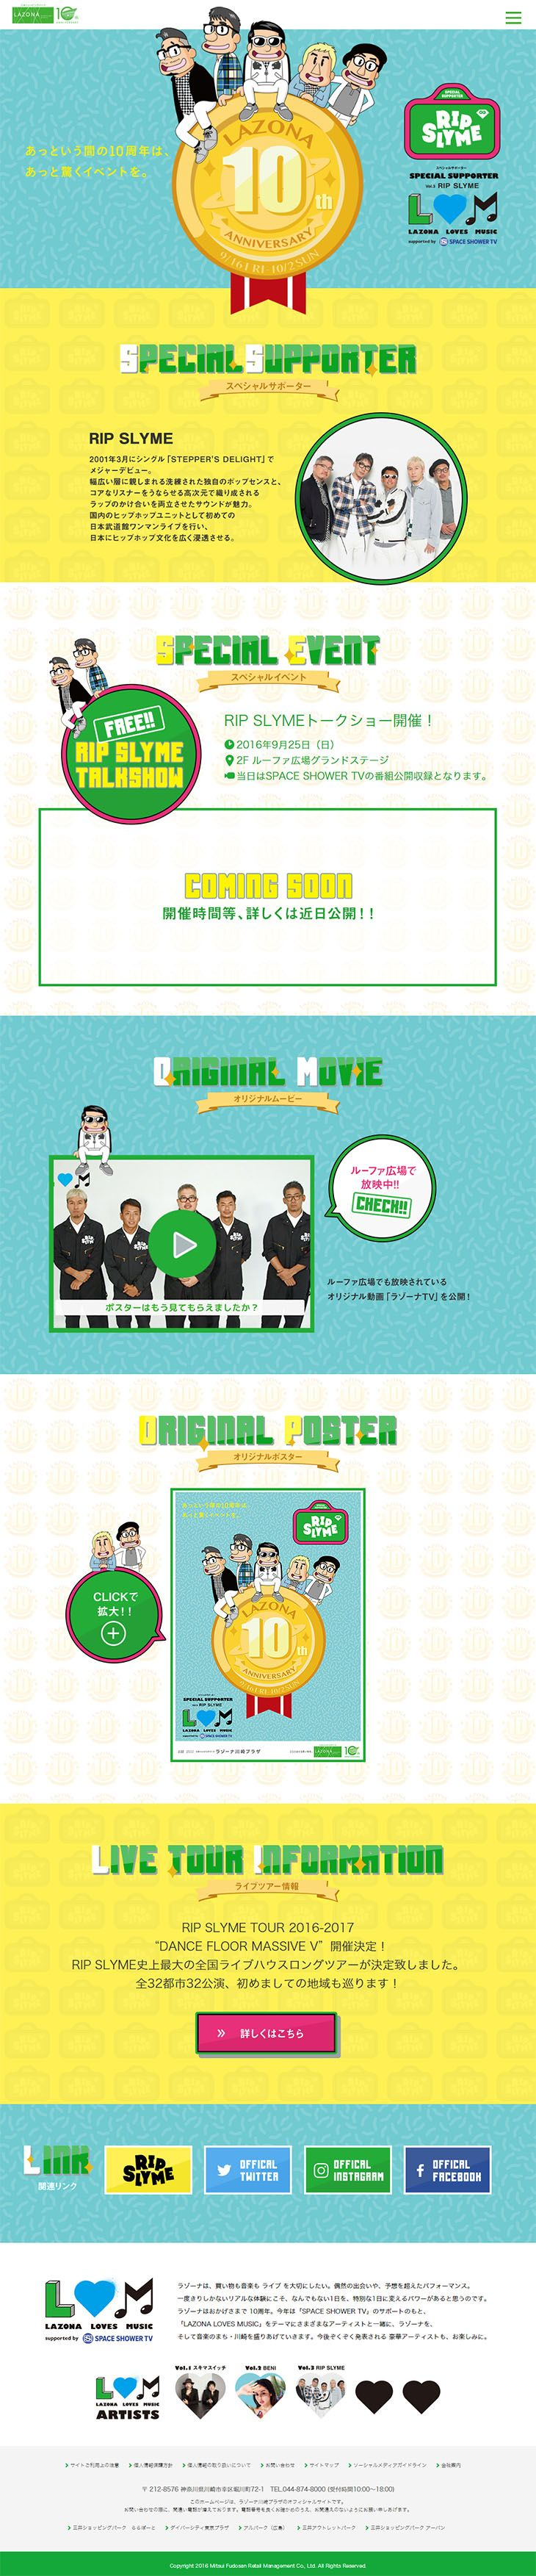 ラゾーナ川崎10周年特設サイト アーティストコラボvol.3